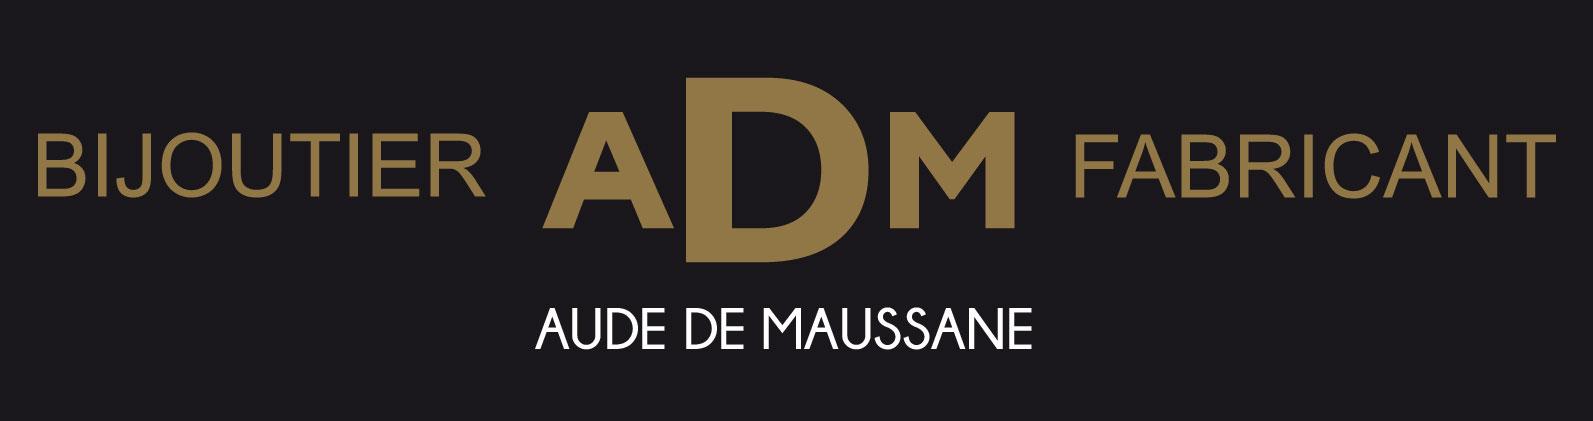 Bijouterie Aude de Maussane